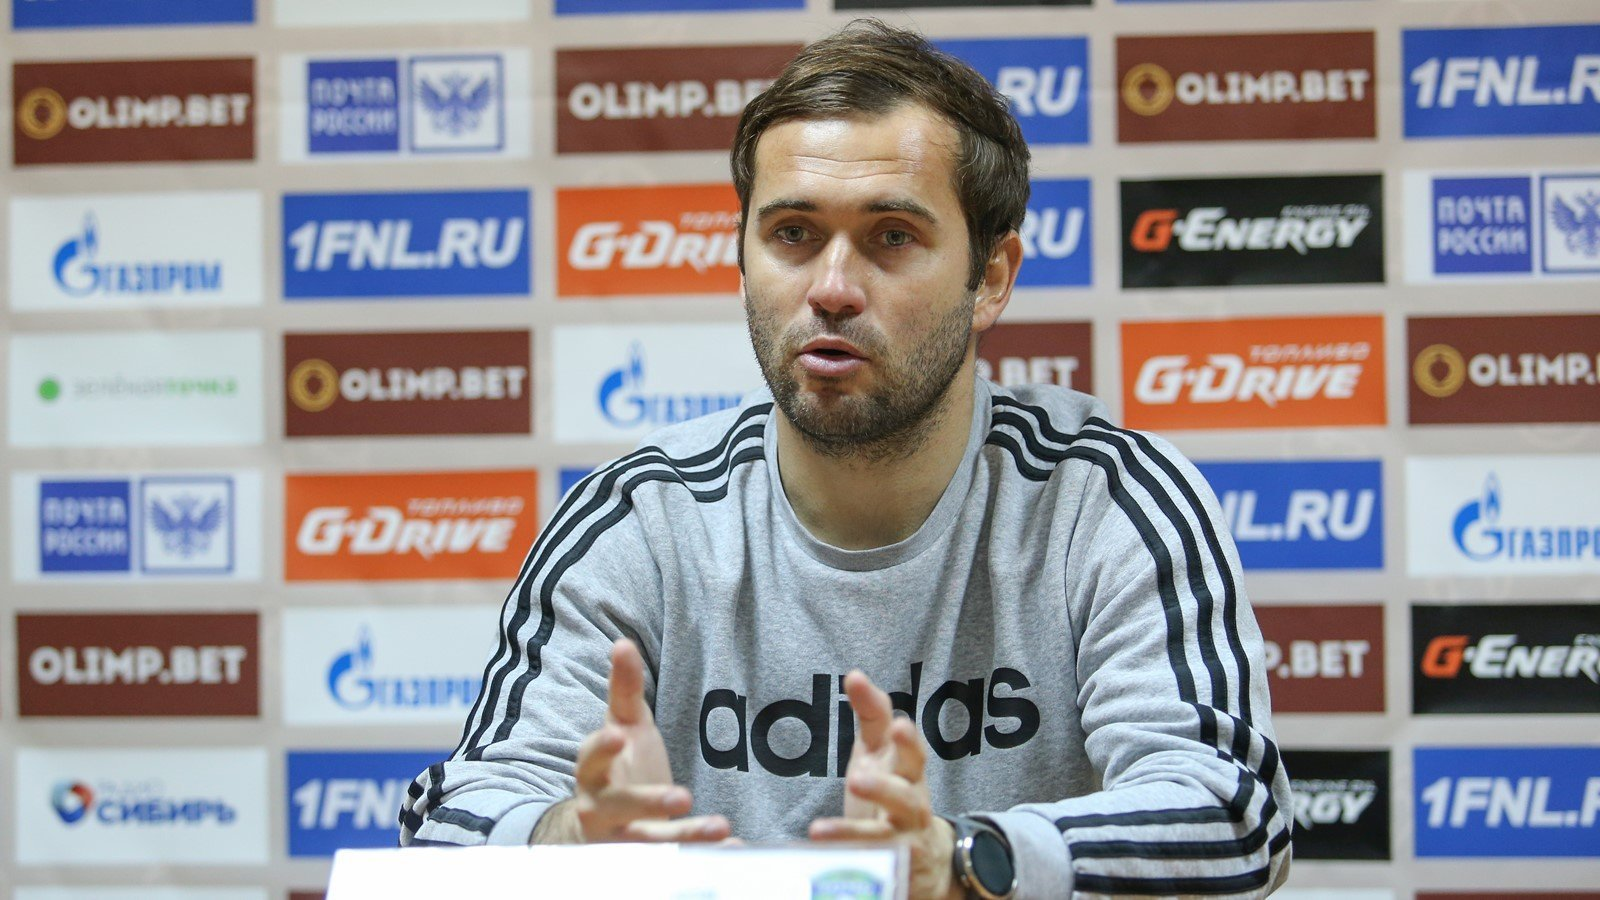 Александр Кержаков: «Еще не прощупал ситуацию с финансами в «Нижнем Новгороде»